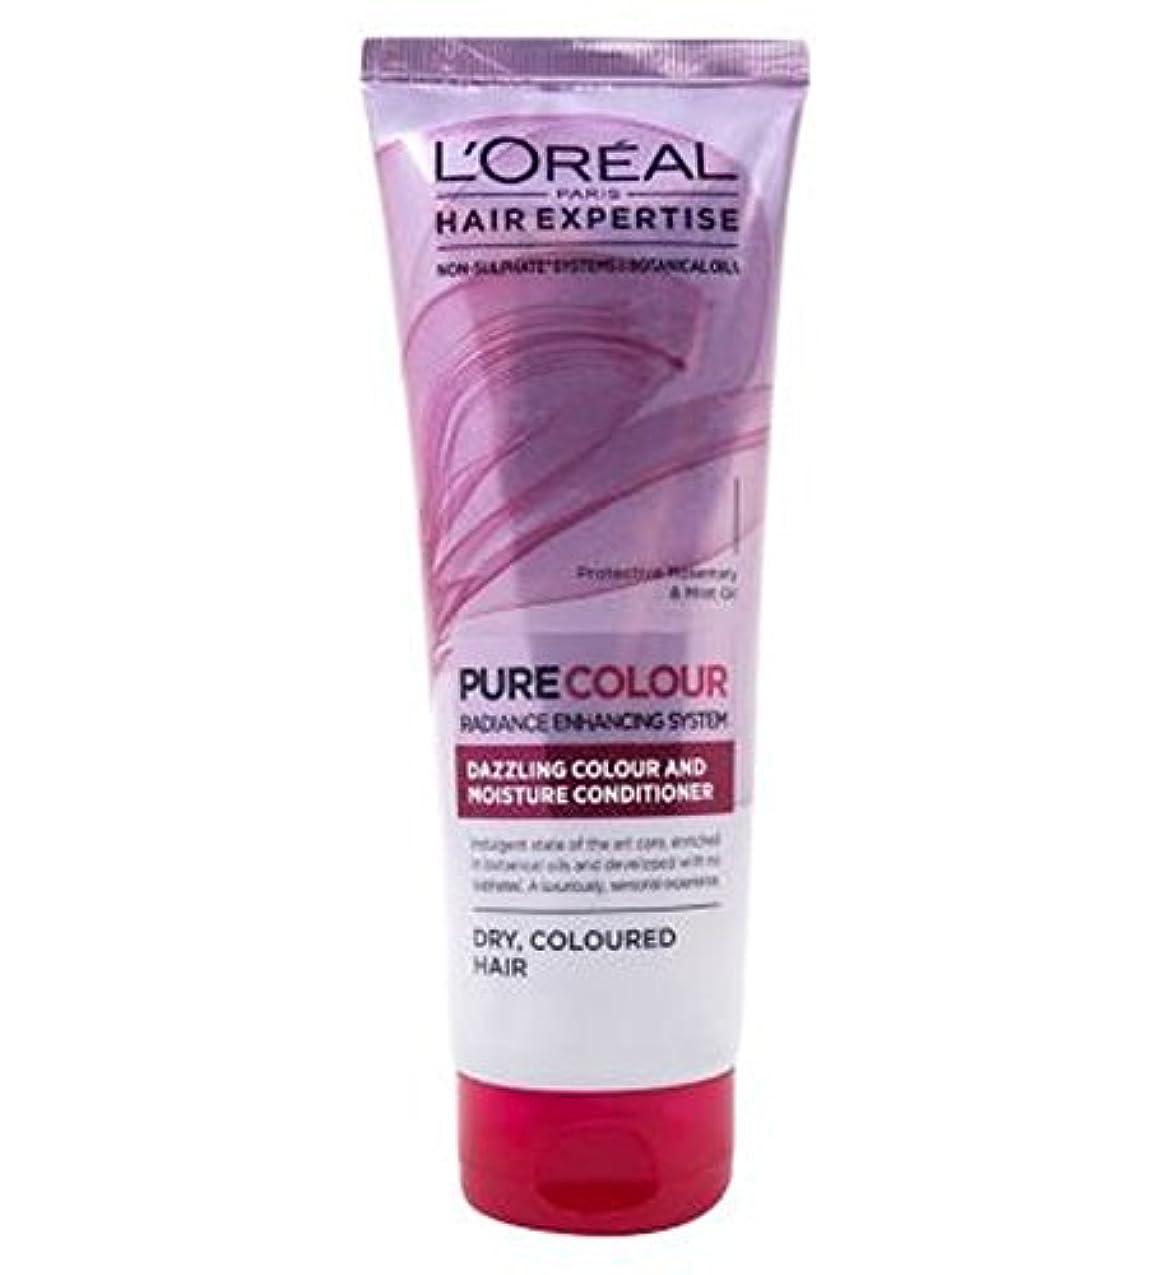 L'Oreal Paris Hair Expertise SuperPure Colour Care & Moisture Conditioner 250ml - ロレアルパリの髪の専門知識の超純粋なカラーケア&水分コンディショナー...